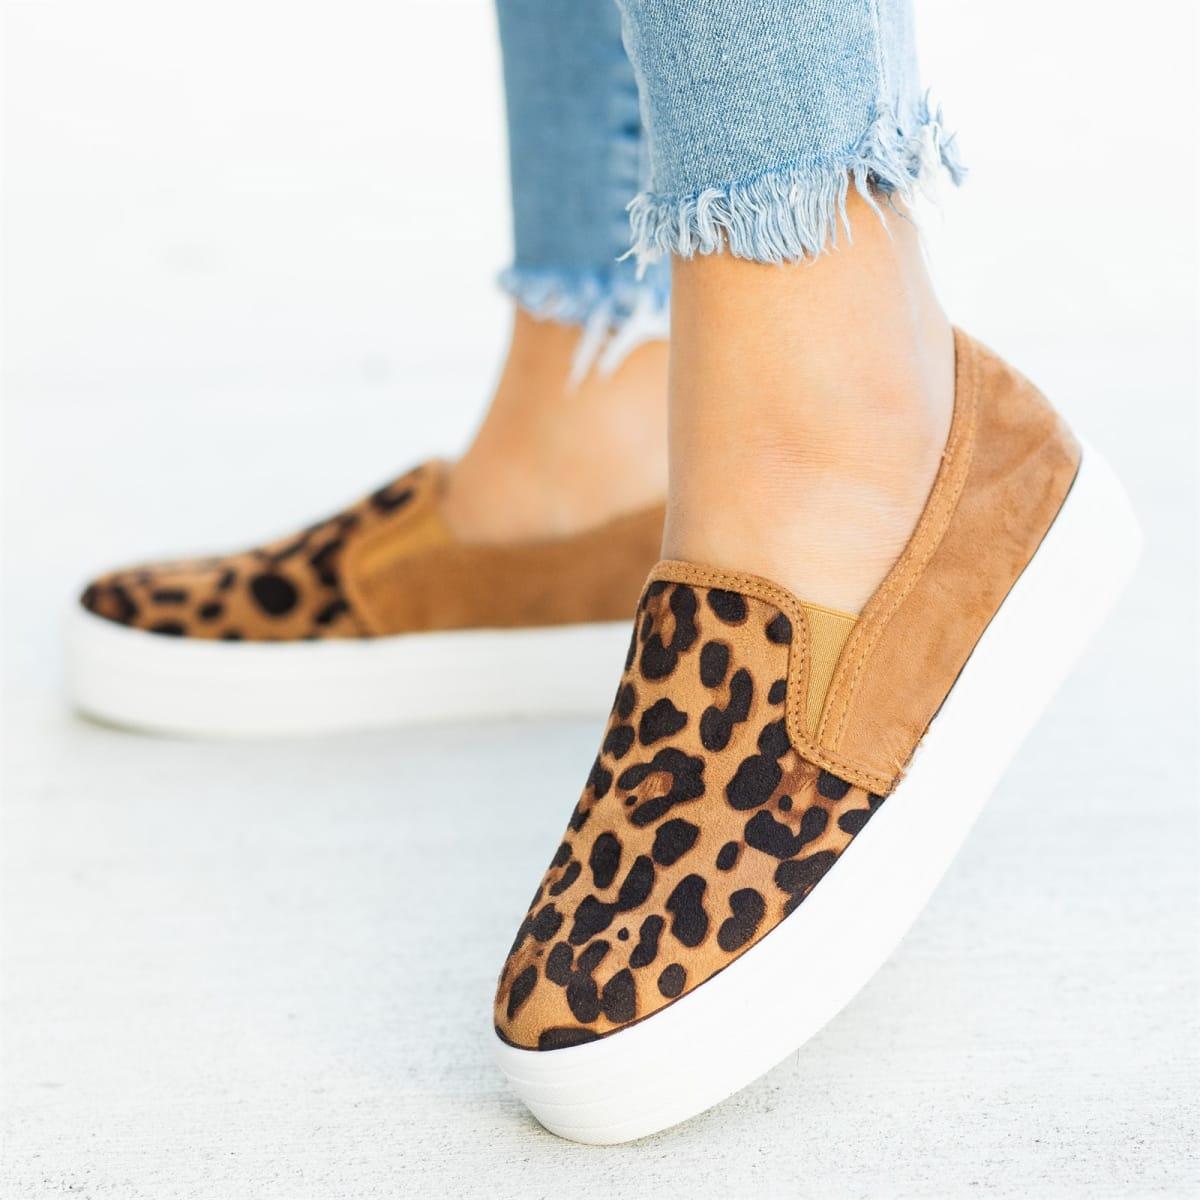 d0d3c4fbb5c Chic Leopard Platform Sneakers